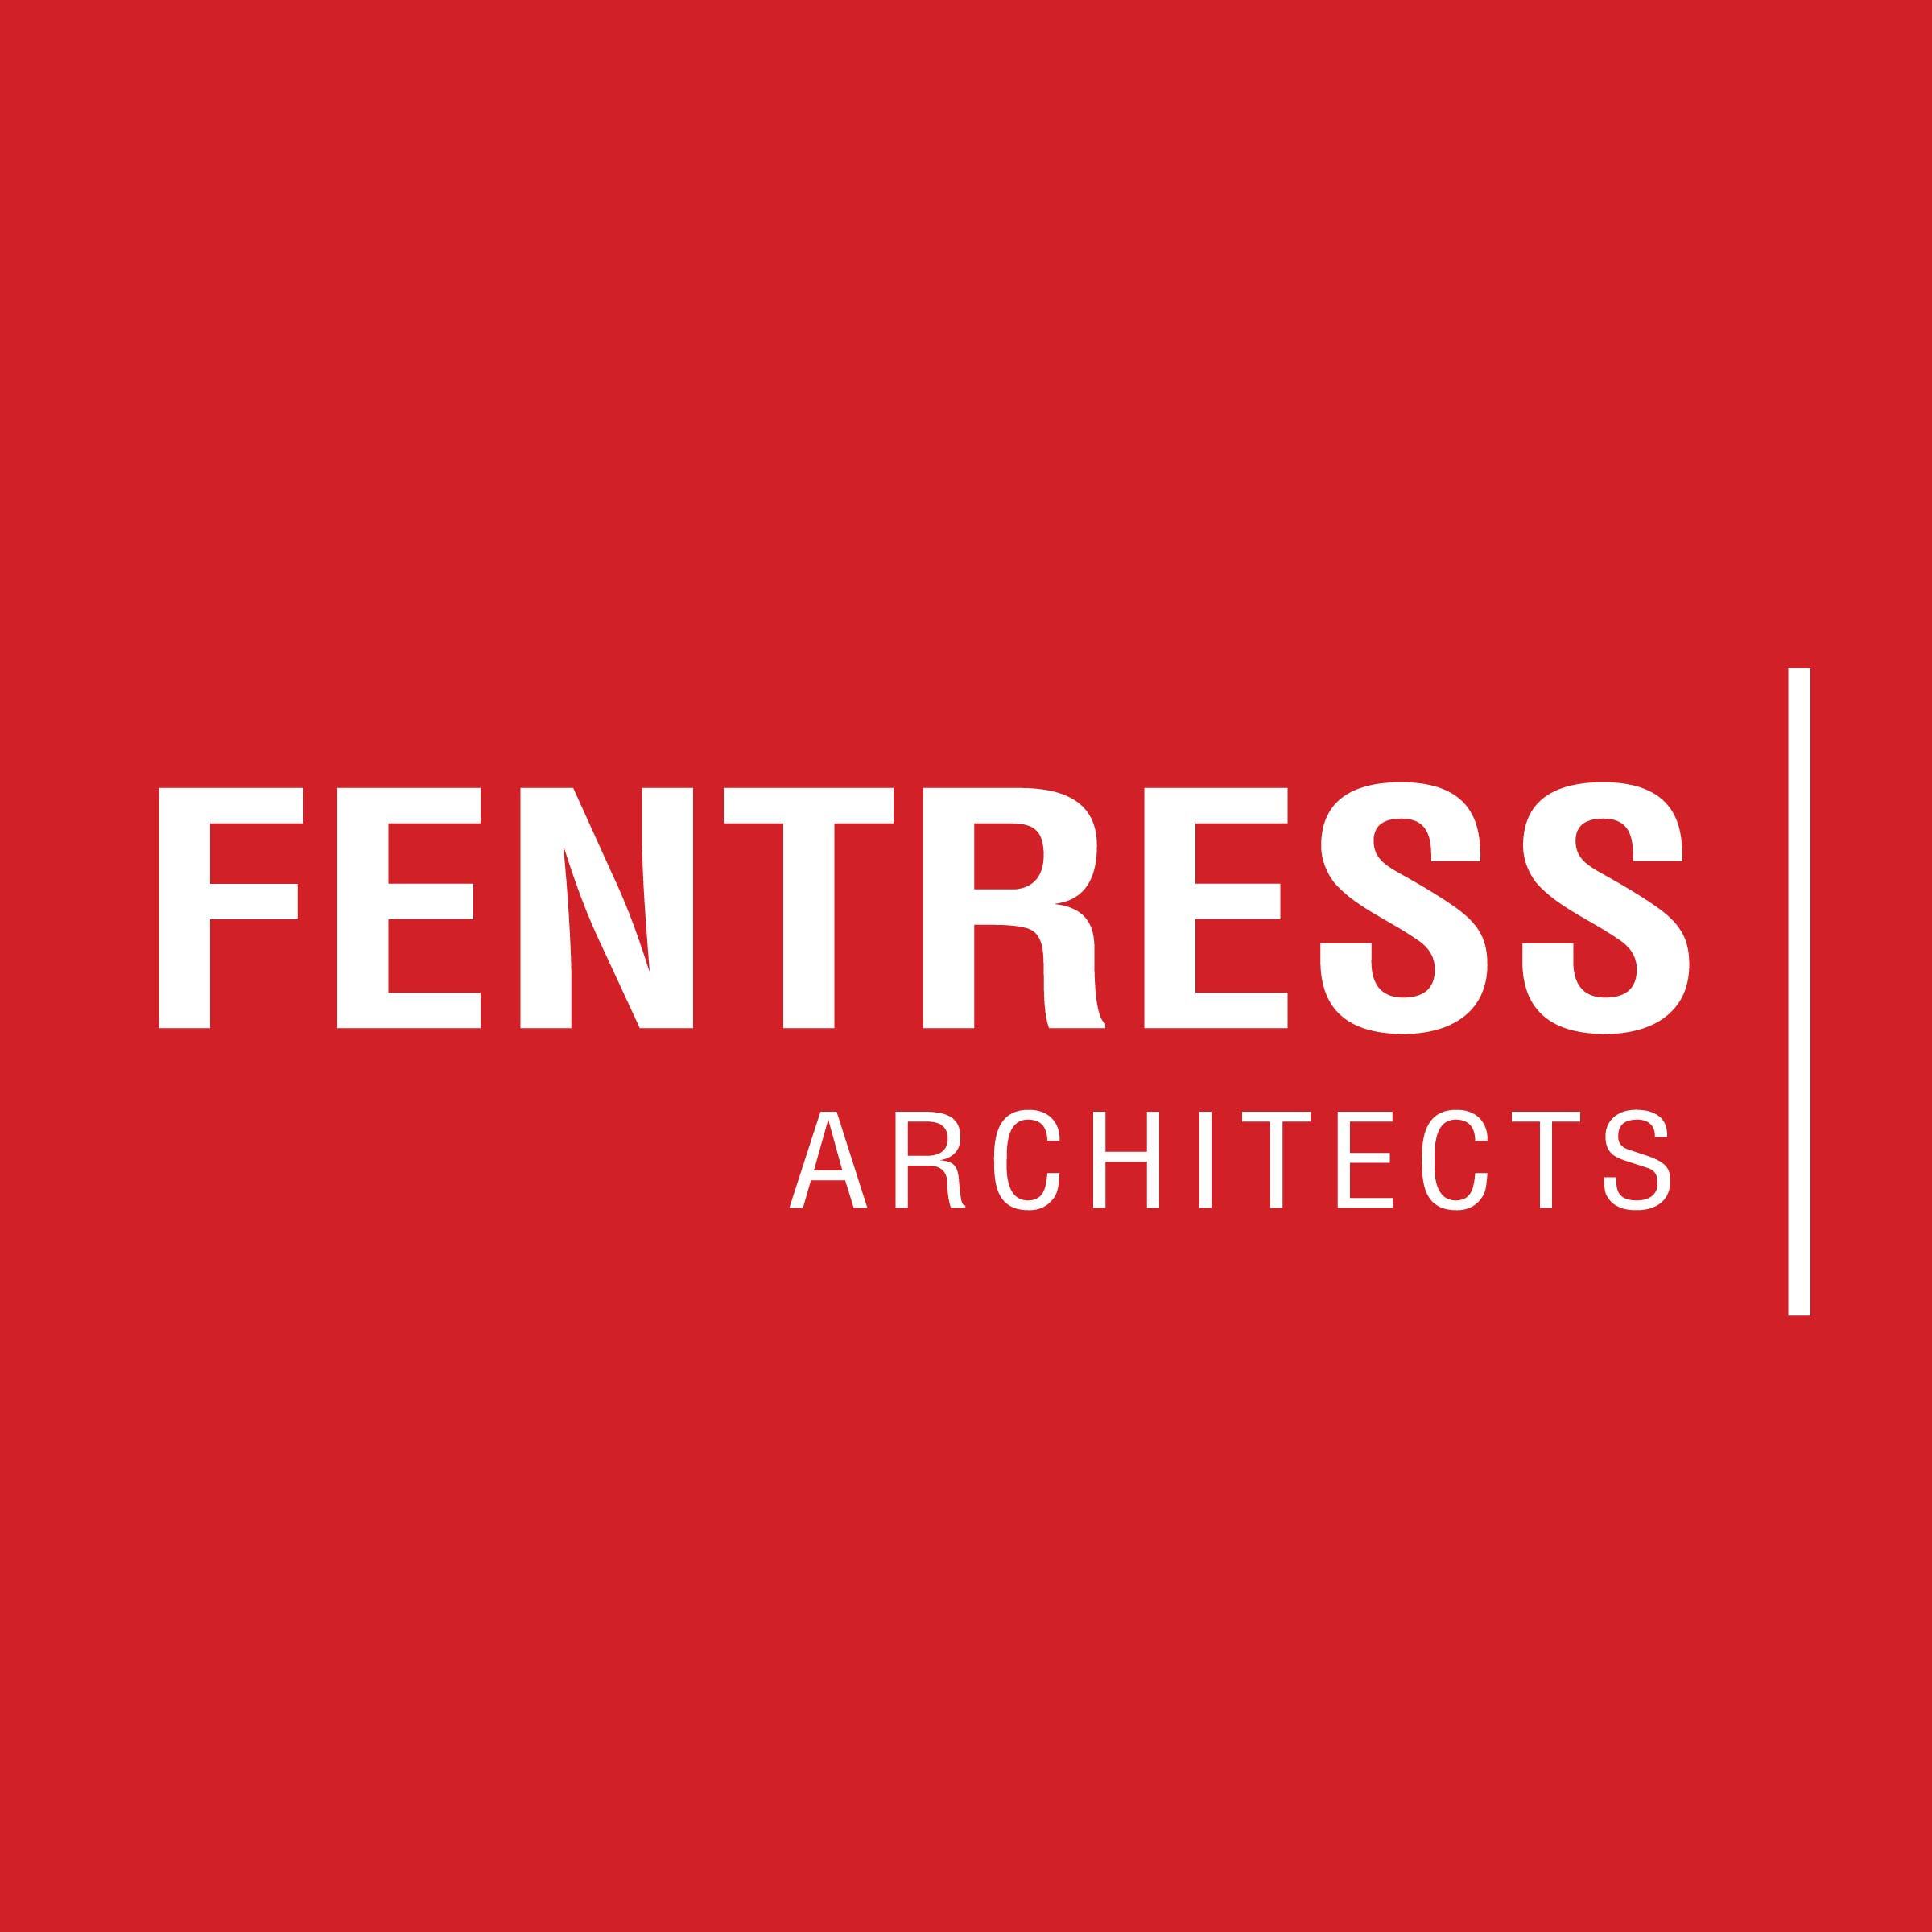 fentress-logo-footer-01.jpg